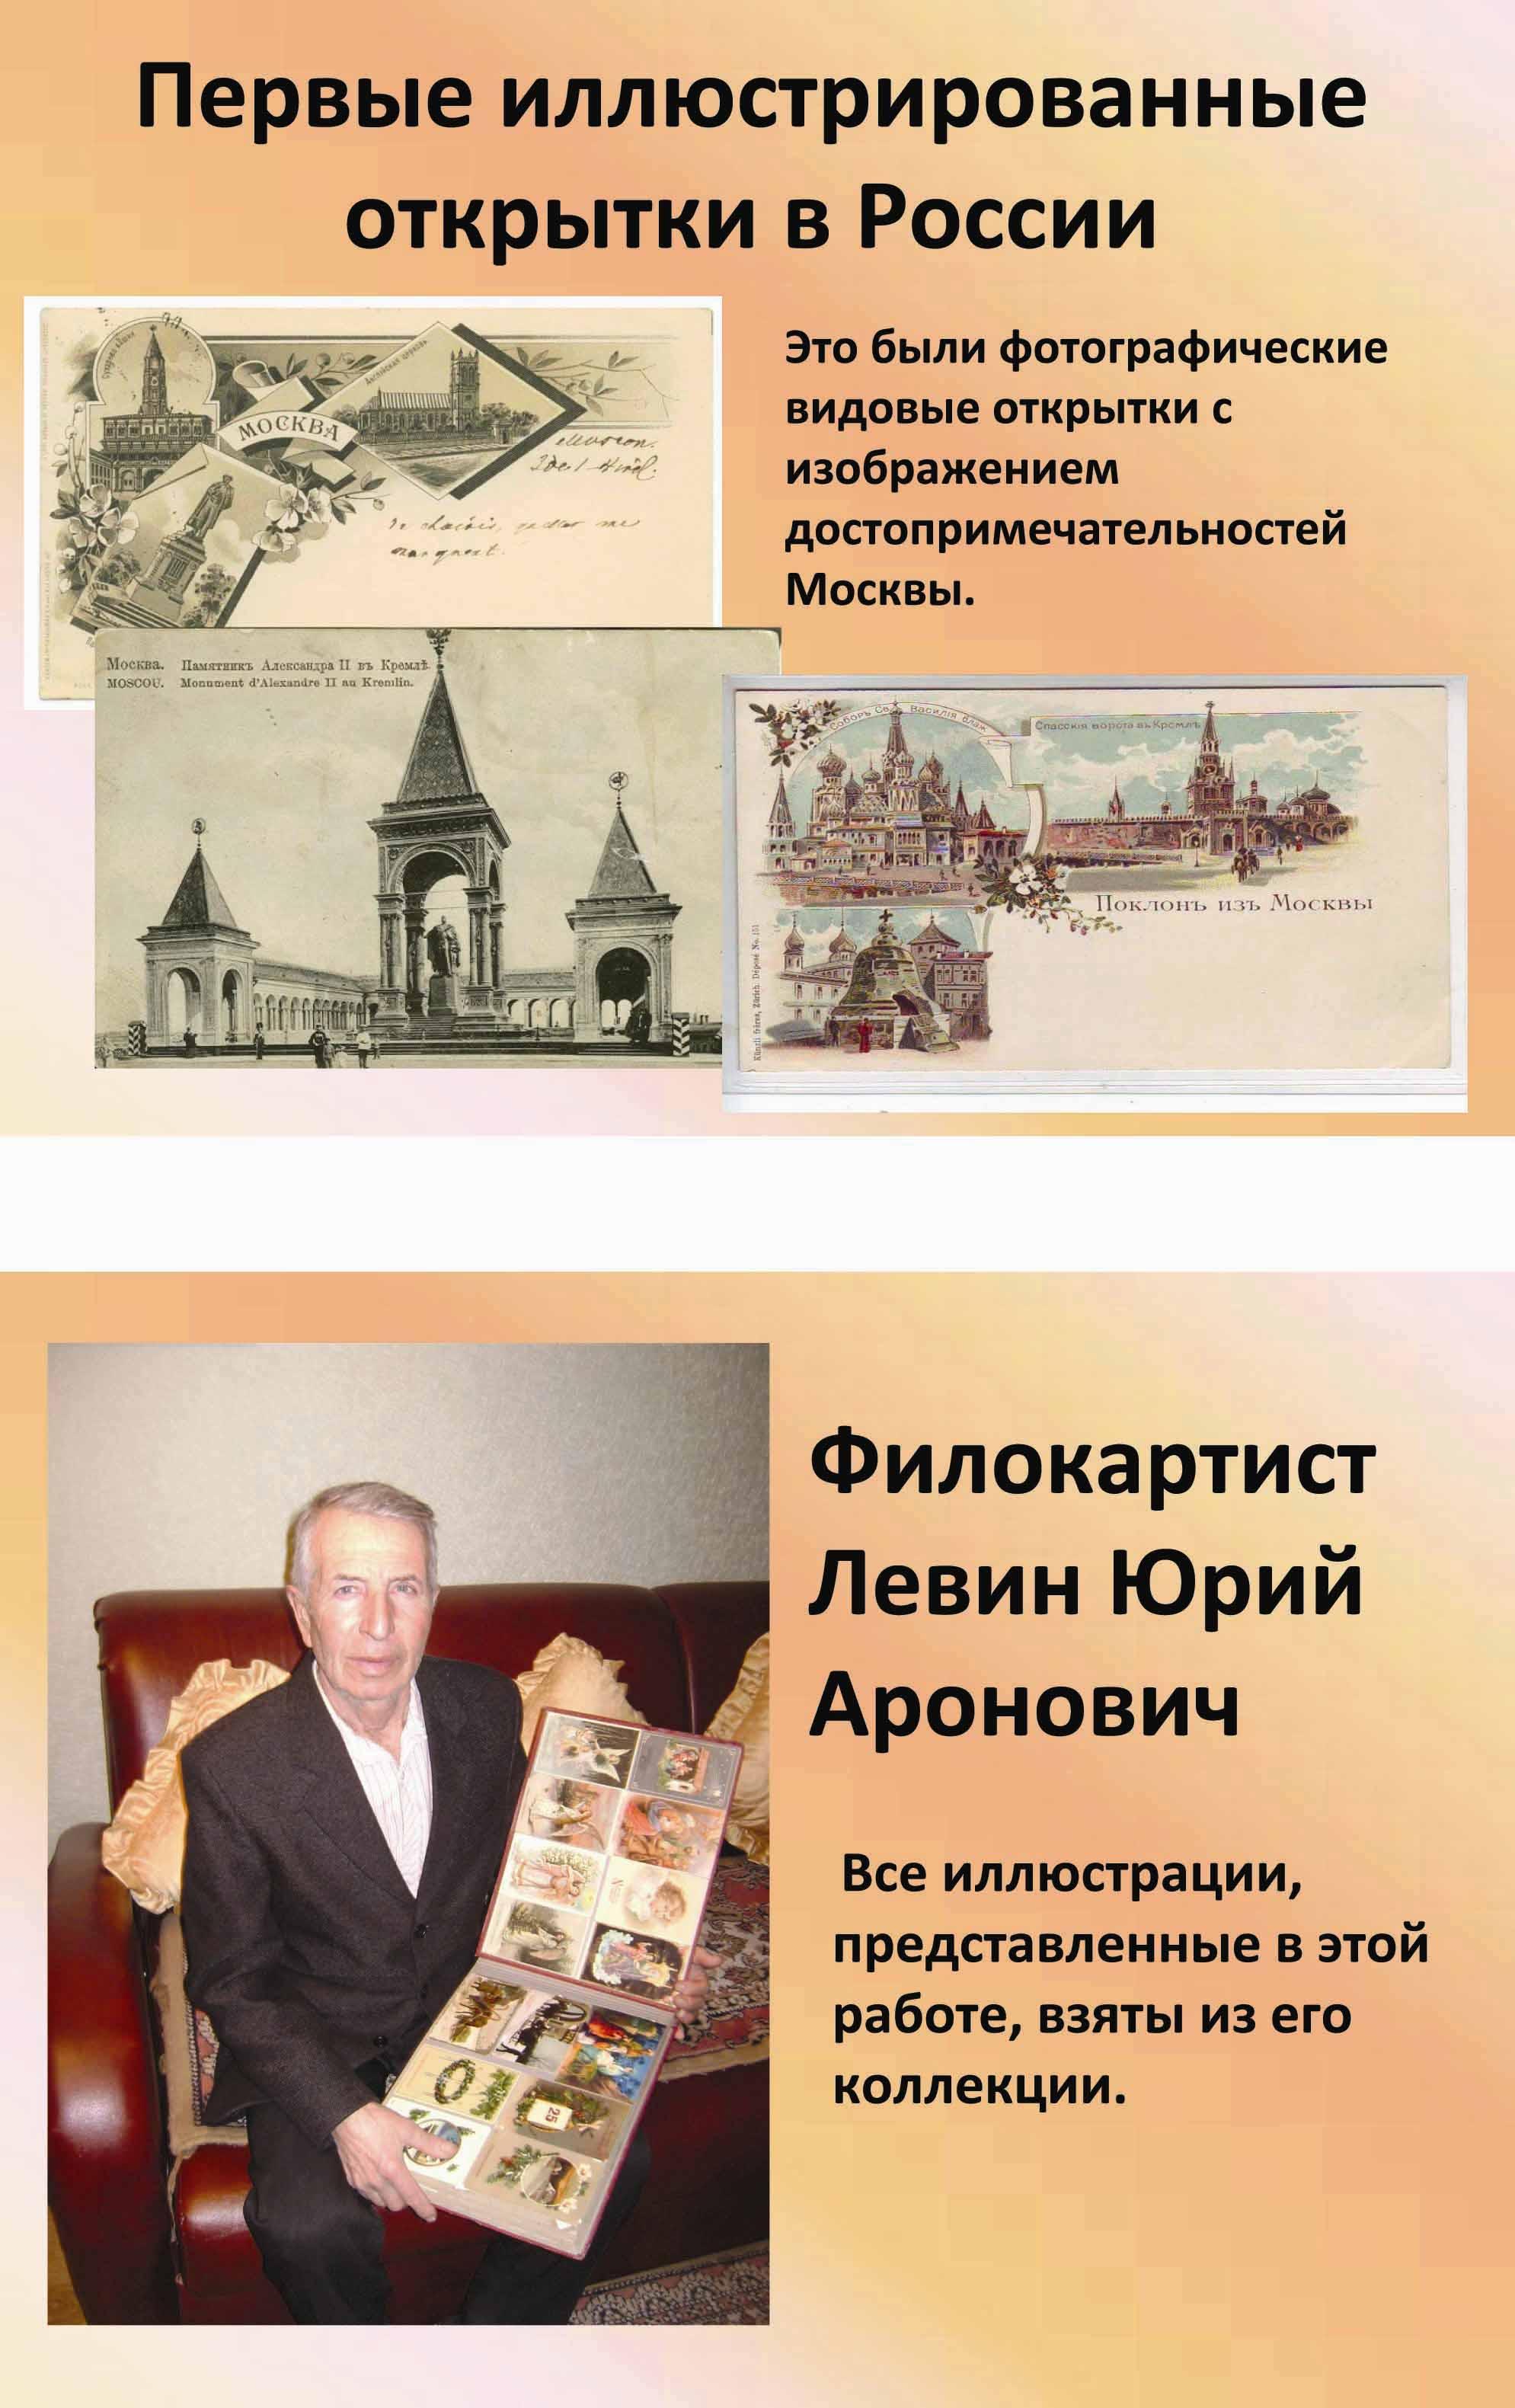 друзья, интересные факты из истории поздравительной открытки ярким бросающимся